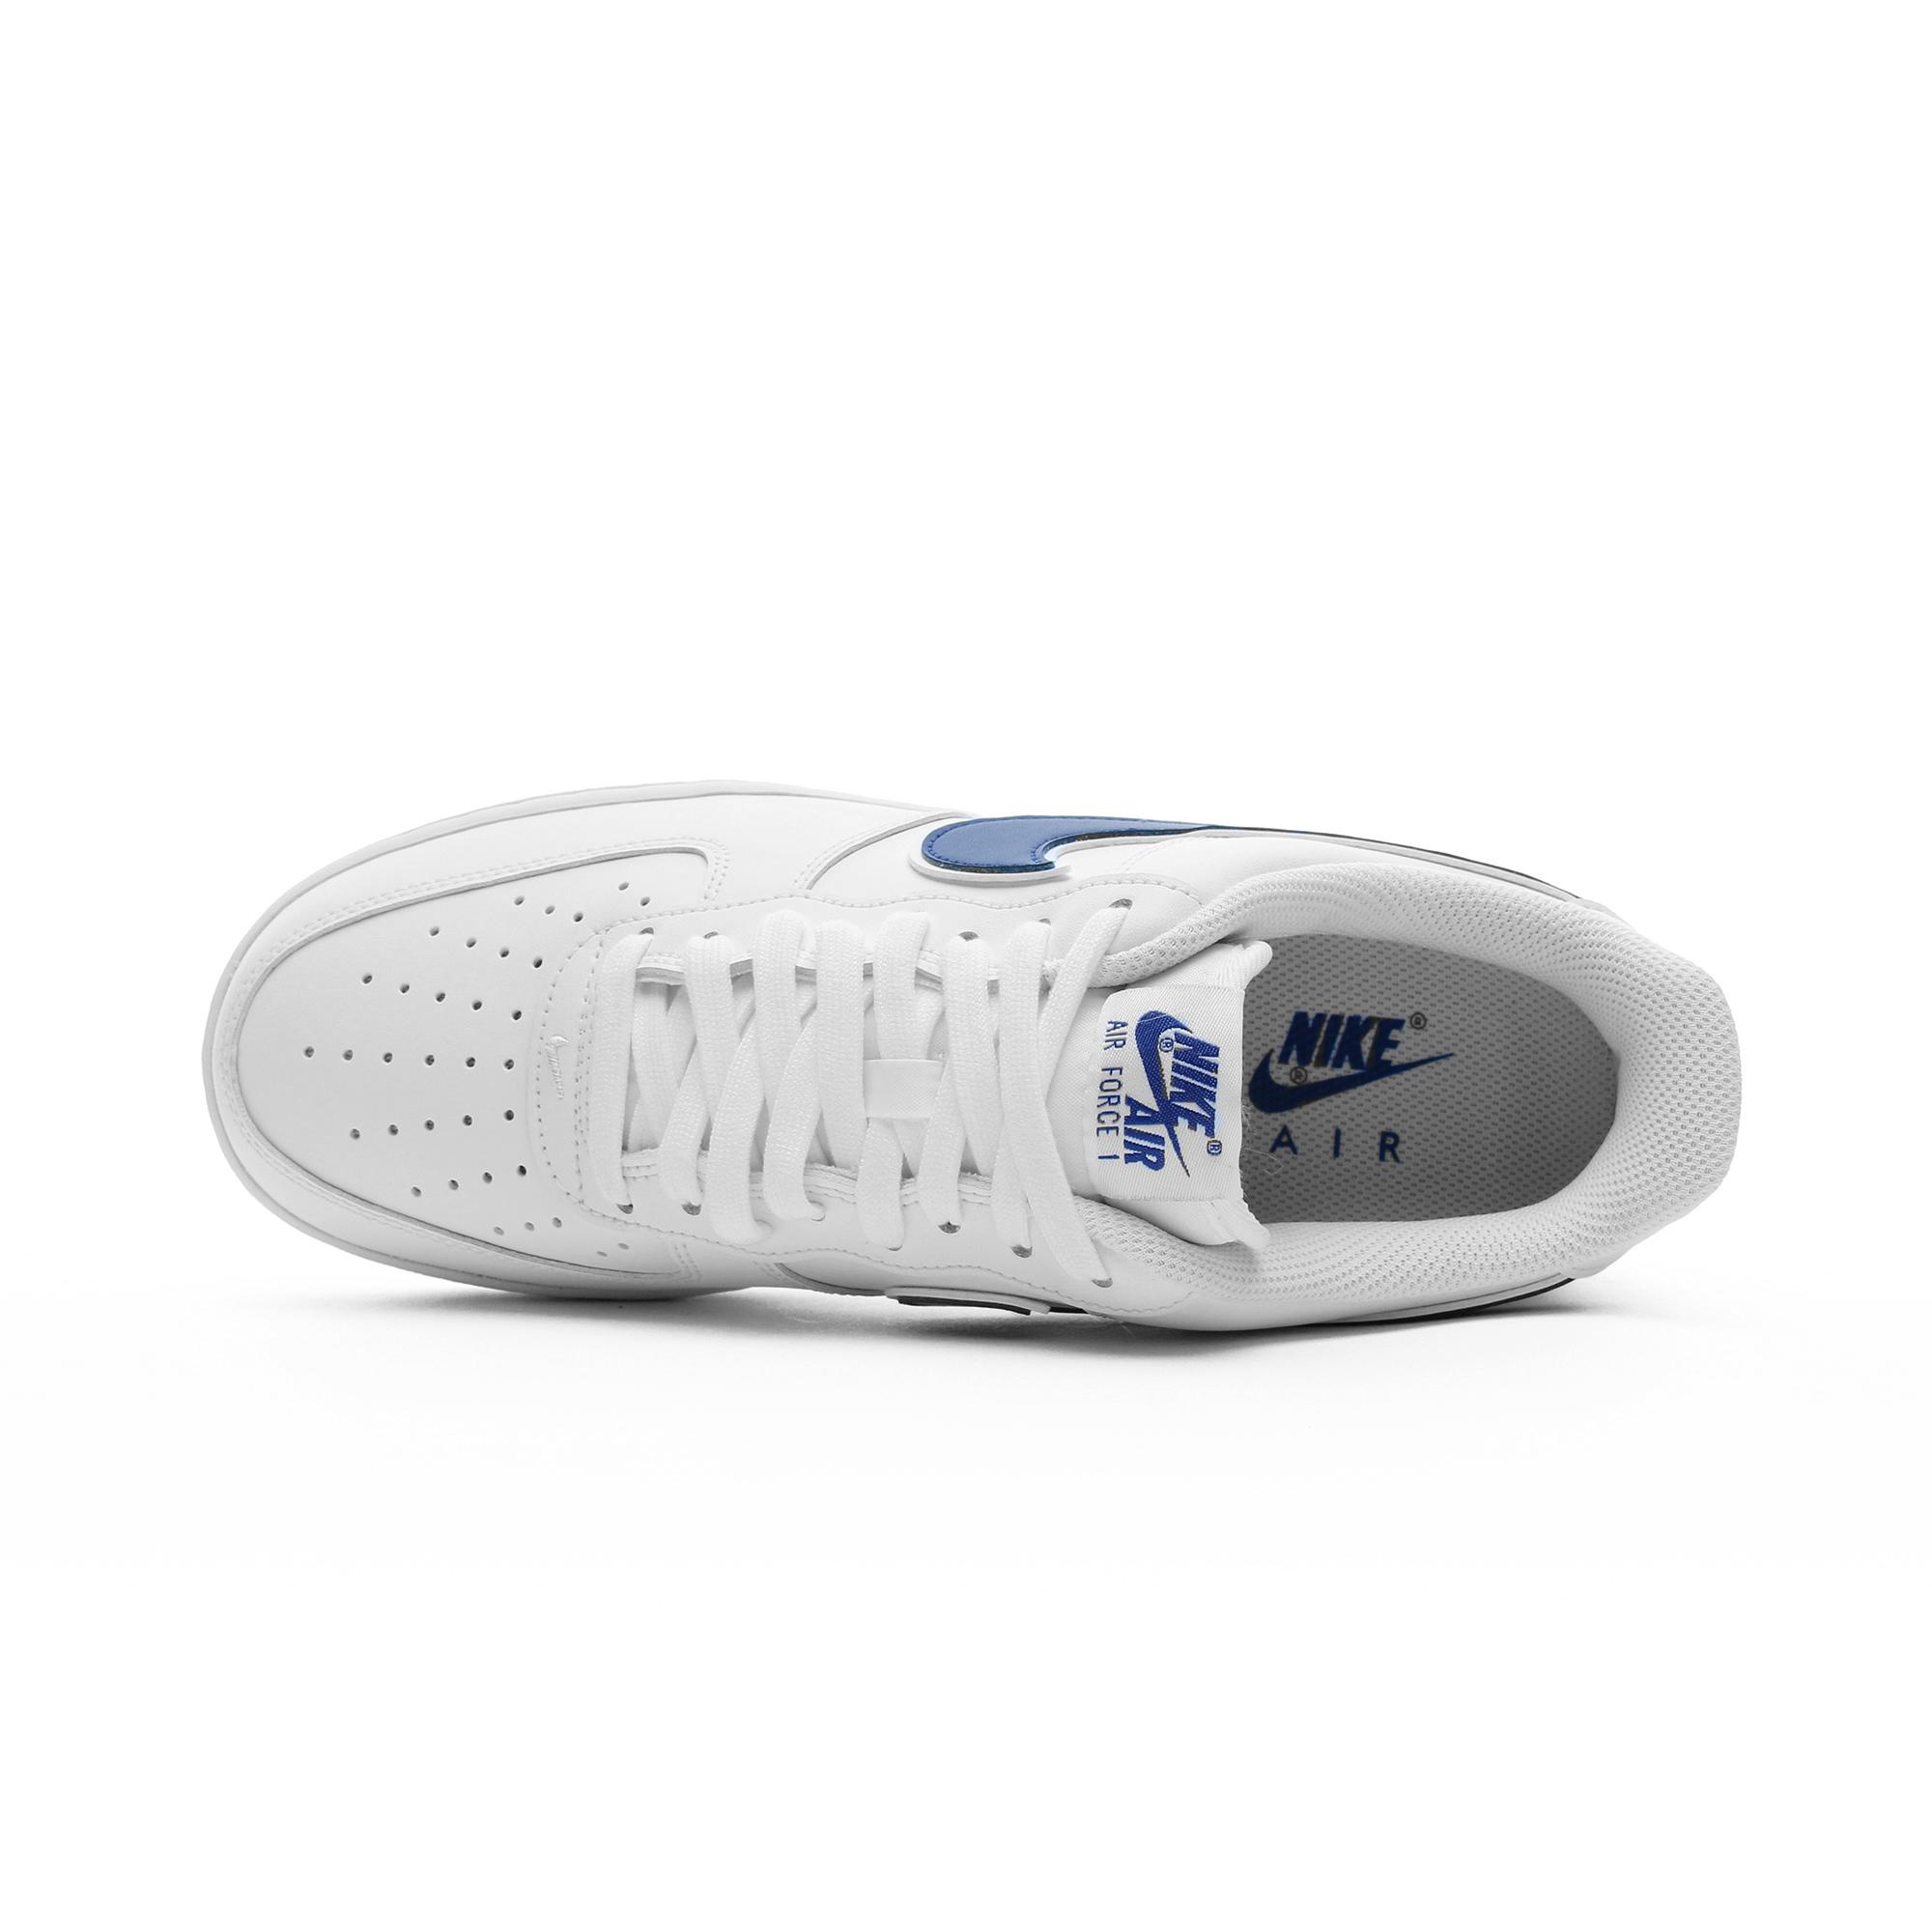 Nike Air Force 1 '07 3 Erkek Beyaz Spor Ayakkabı